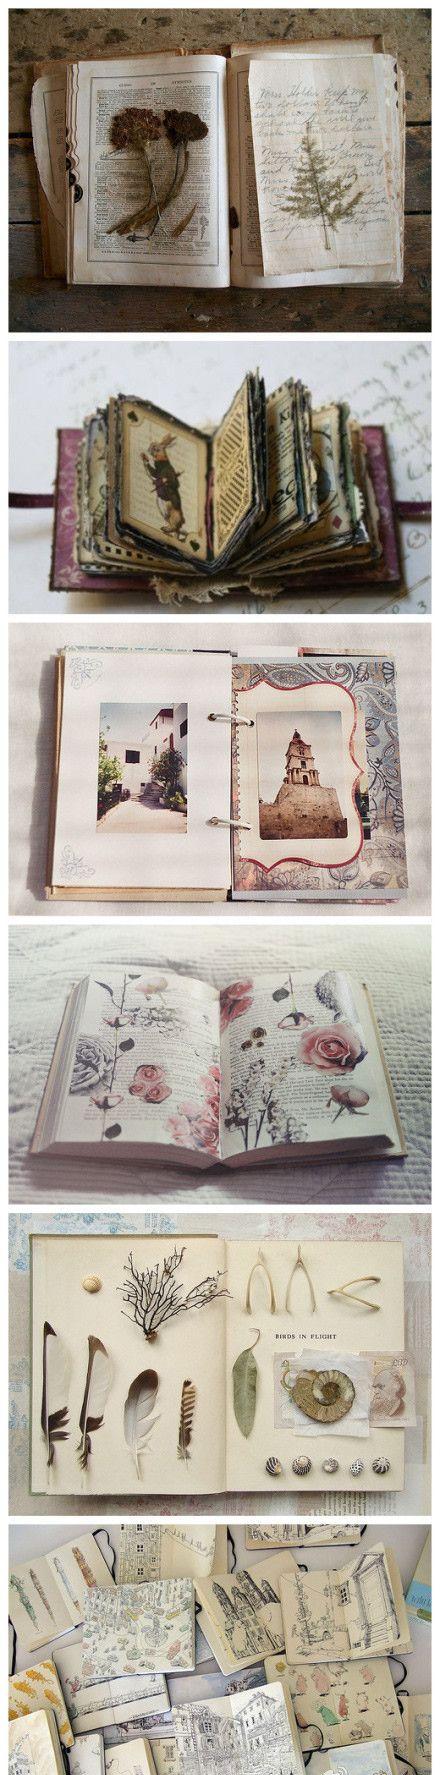 journal? réaffectation de vieilles choses? > trouver des vieux livres de poésie